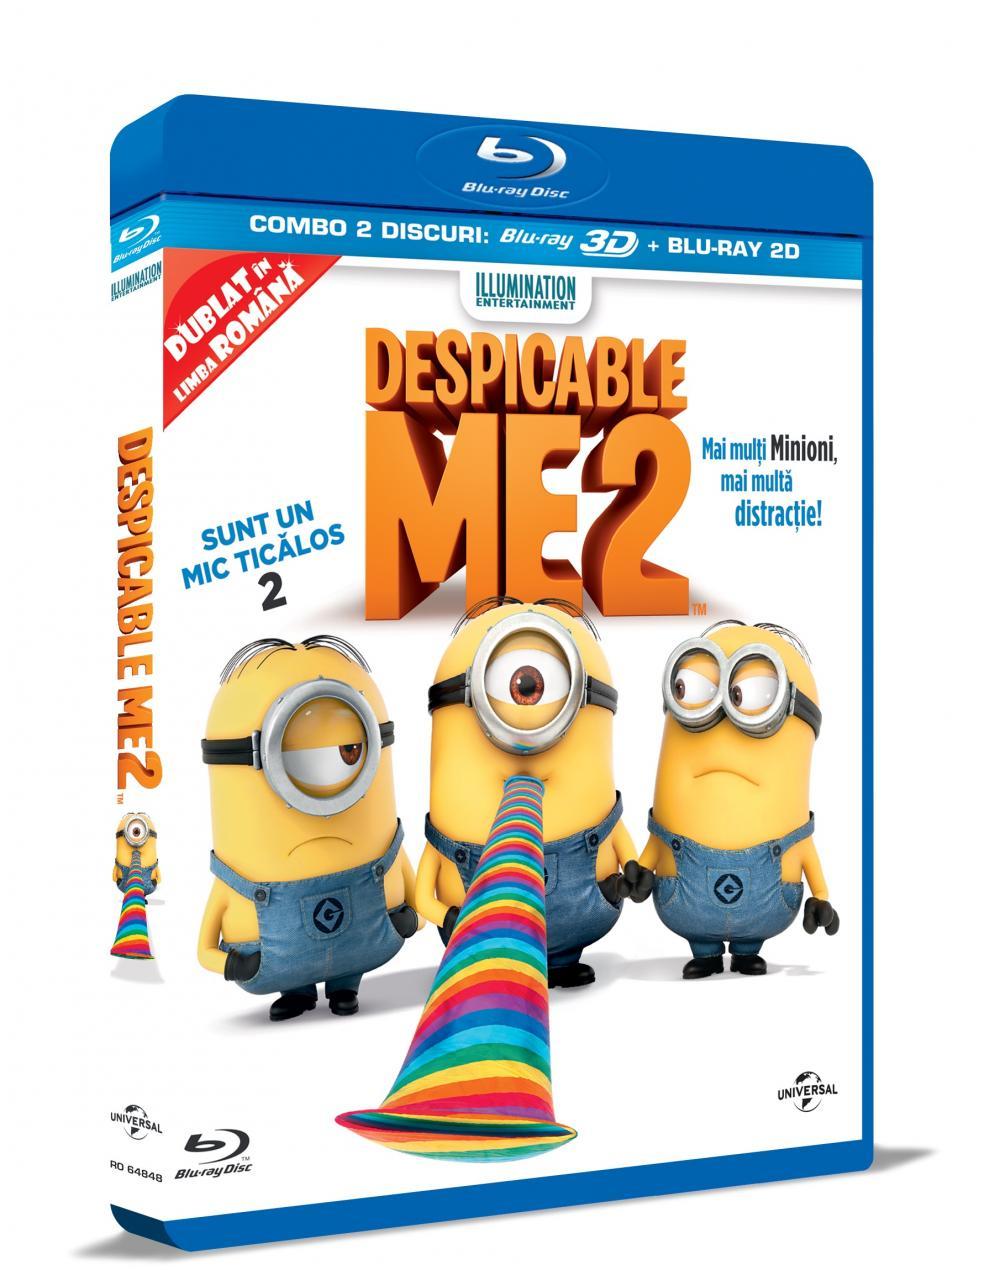 DESPICABLE ME 2 3D/2D